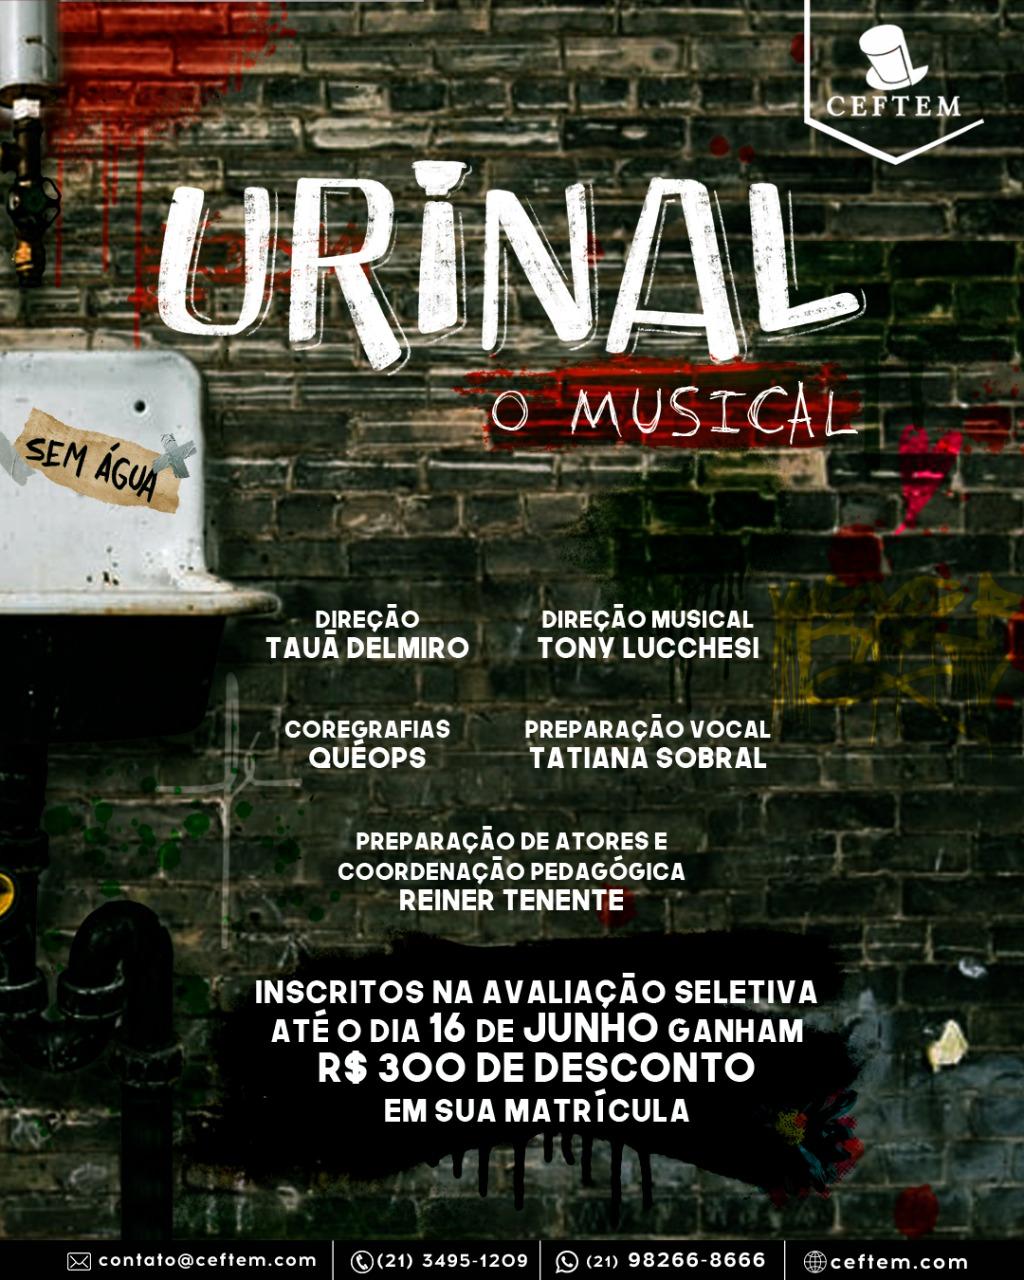 Ícone Notícia Urinal - O Musical - Inscreva-se Para a Avaliação Seletiva